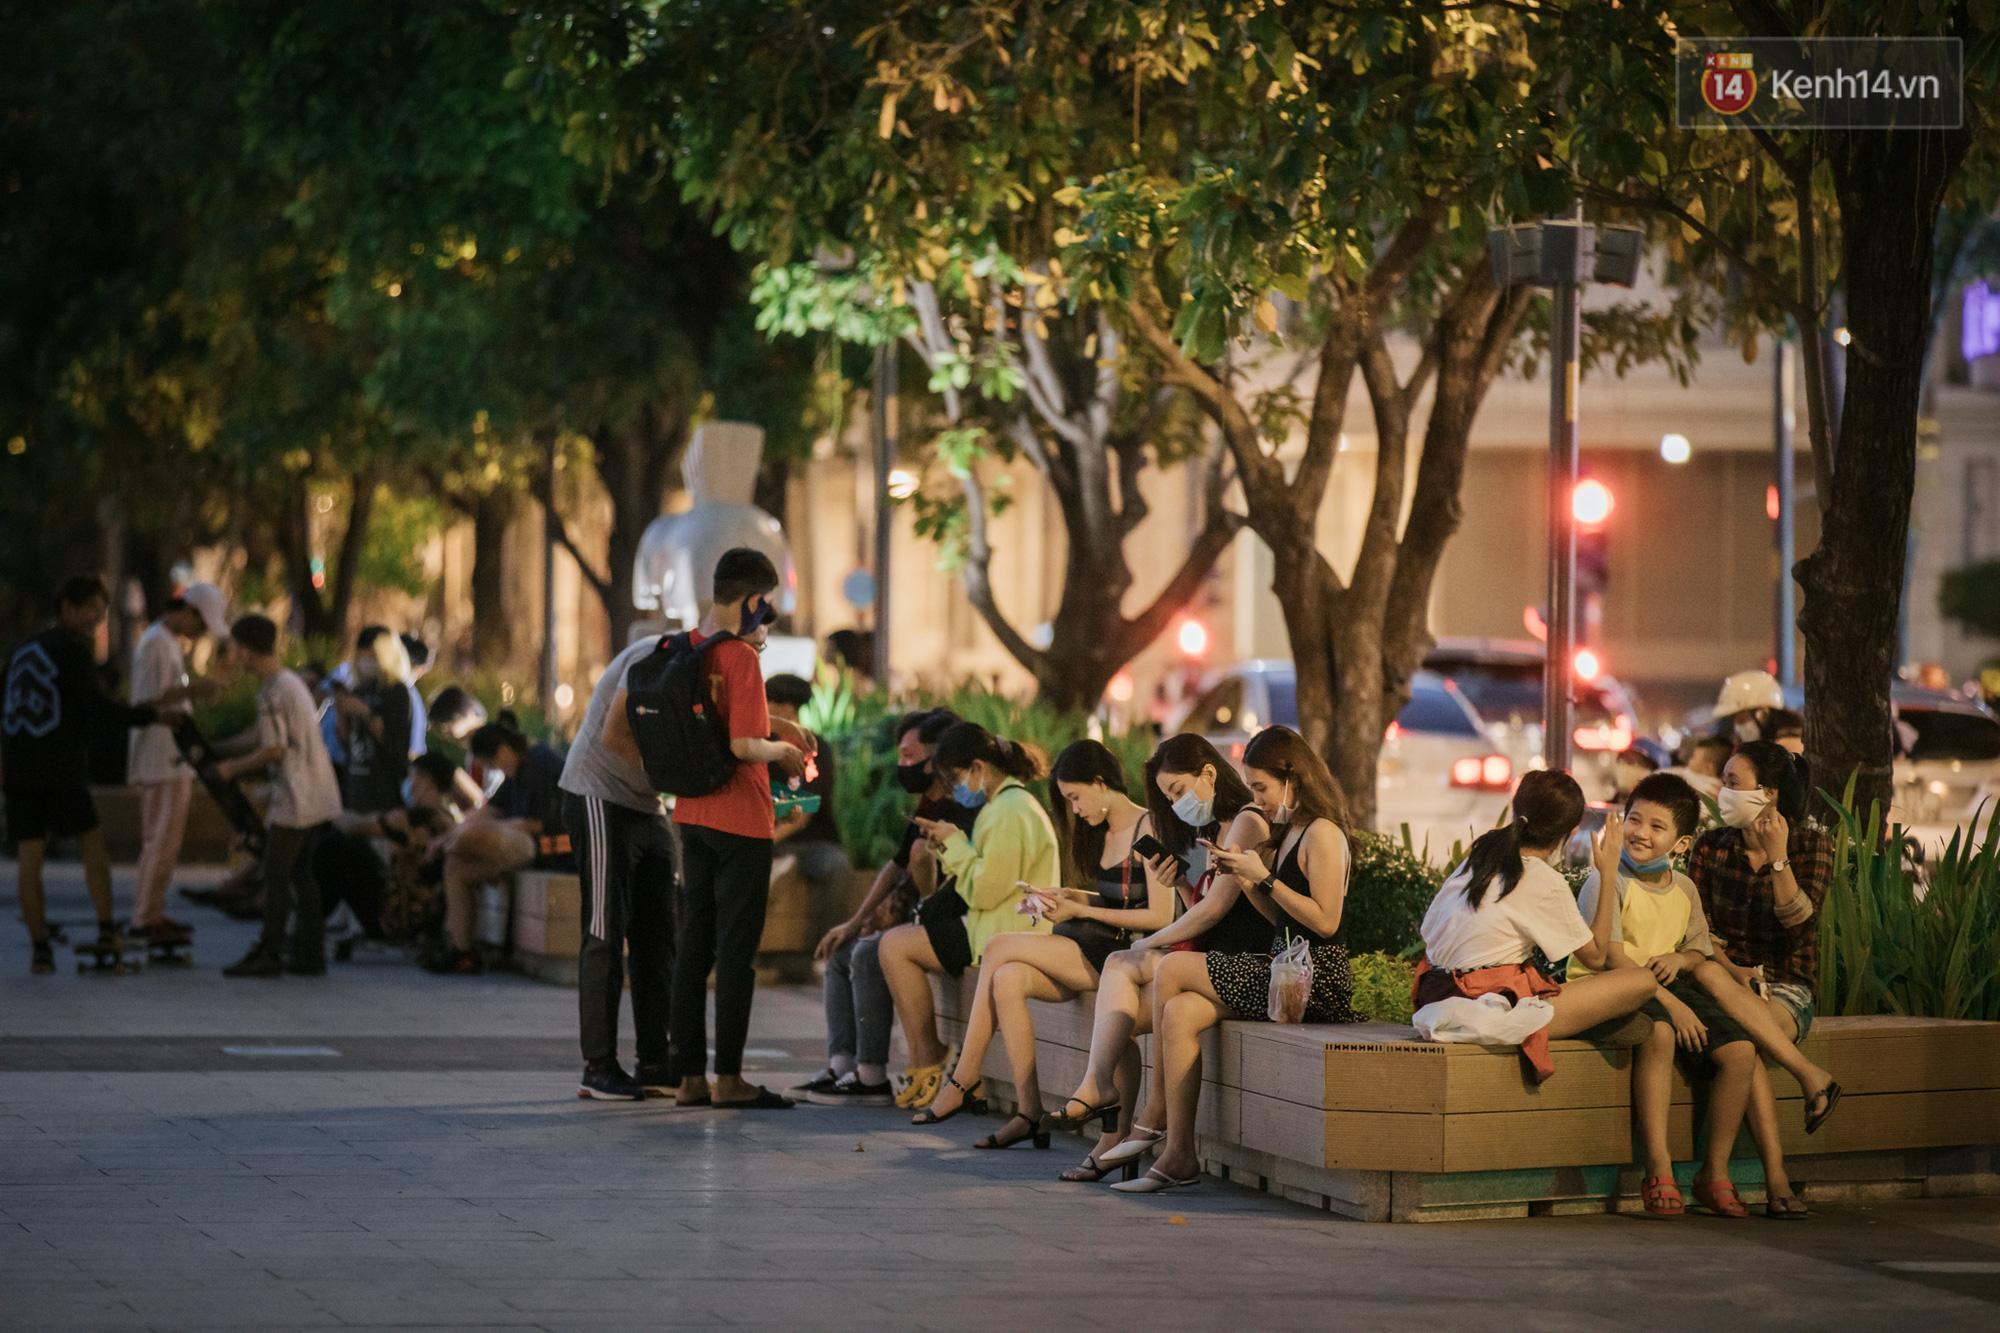 """Sài Gòn nhộn nhịp trong buổi tối nghỉ lễ đầu tiên: Khu vực trung tâm dần trở nên đông đúc, nhiều người lo sợ vẫn kè kè"""" chiếc khẩu trang bên mình-8"""